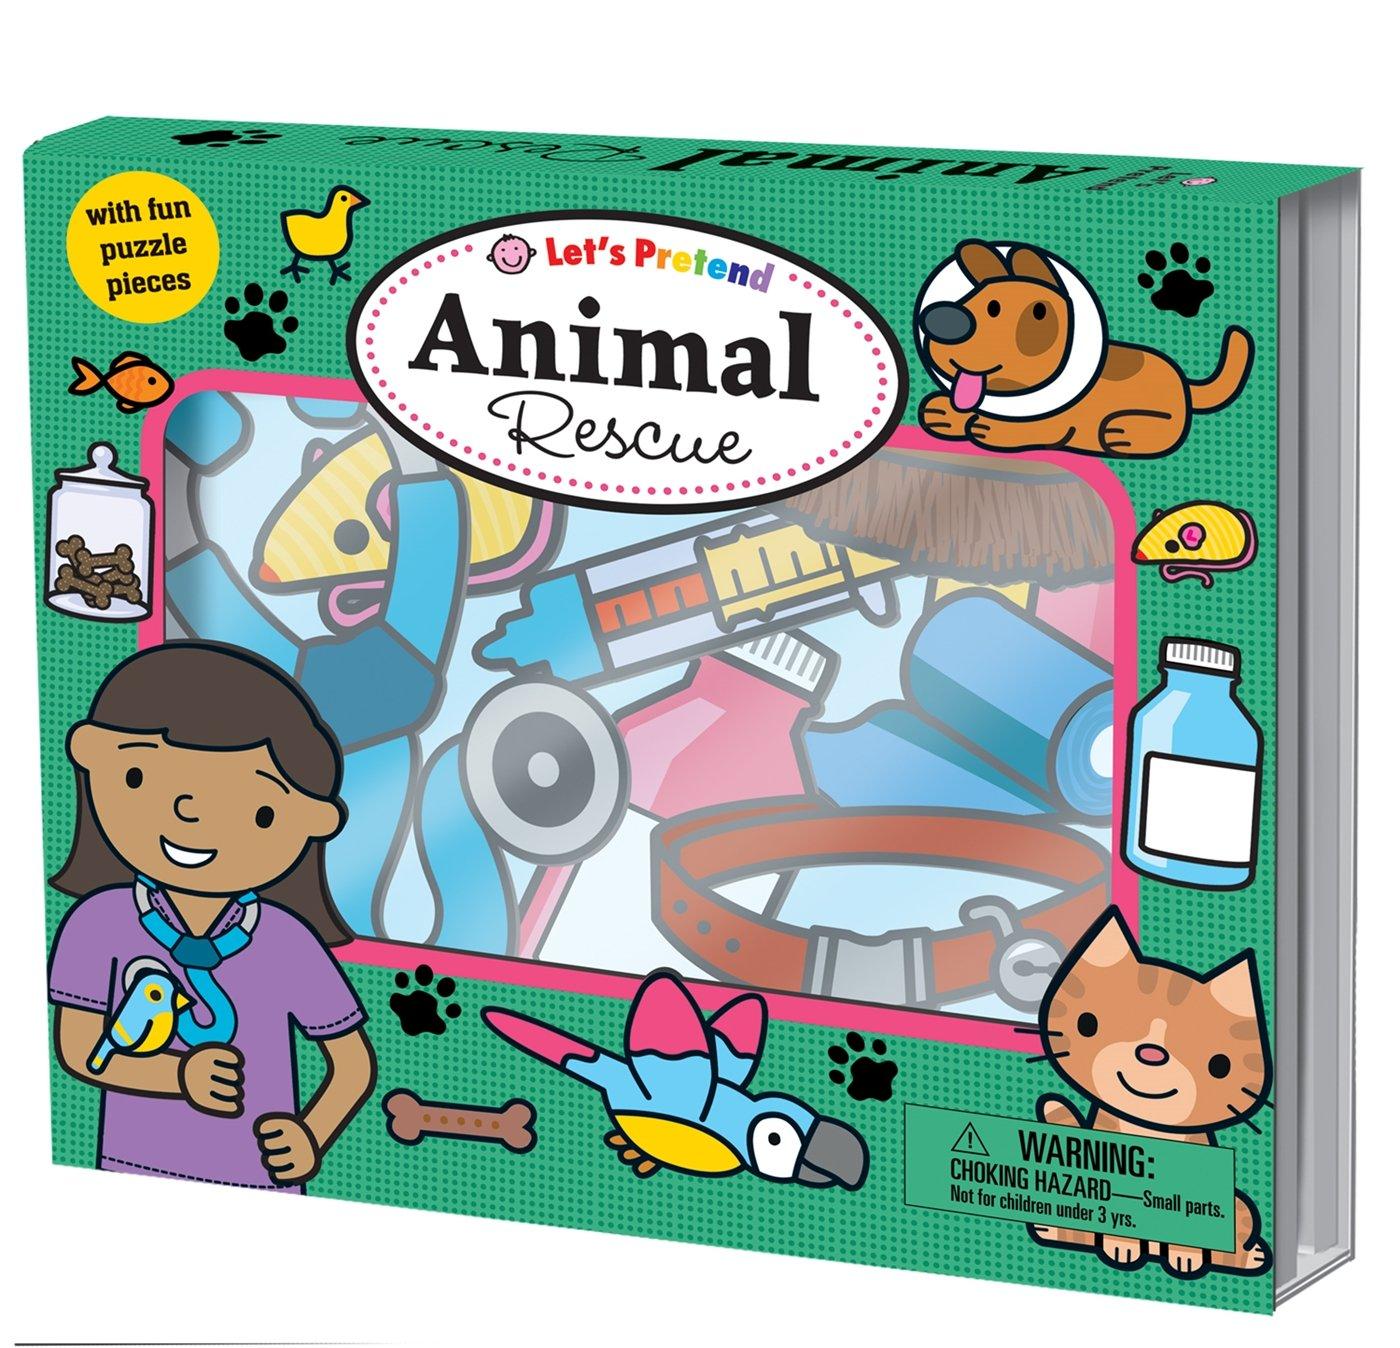 Let's Pretend Animal Rescue